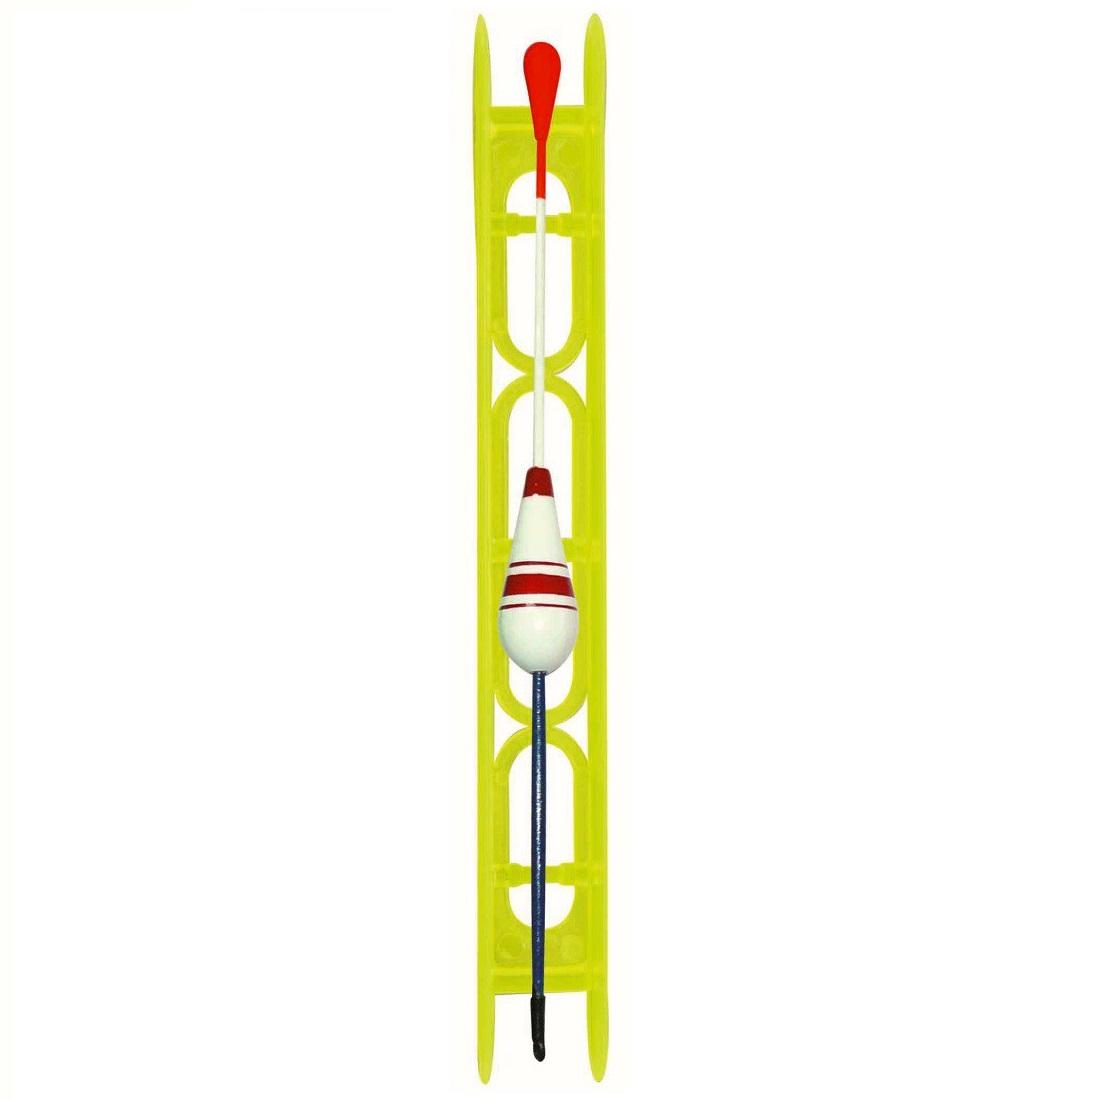 Paladin Fertigangel weiß/rot vorbebleit 1,5g - 0.26/8m/4.50kg